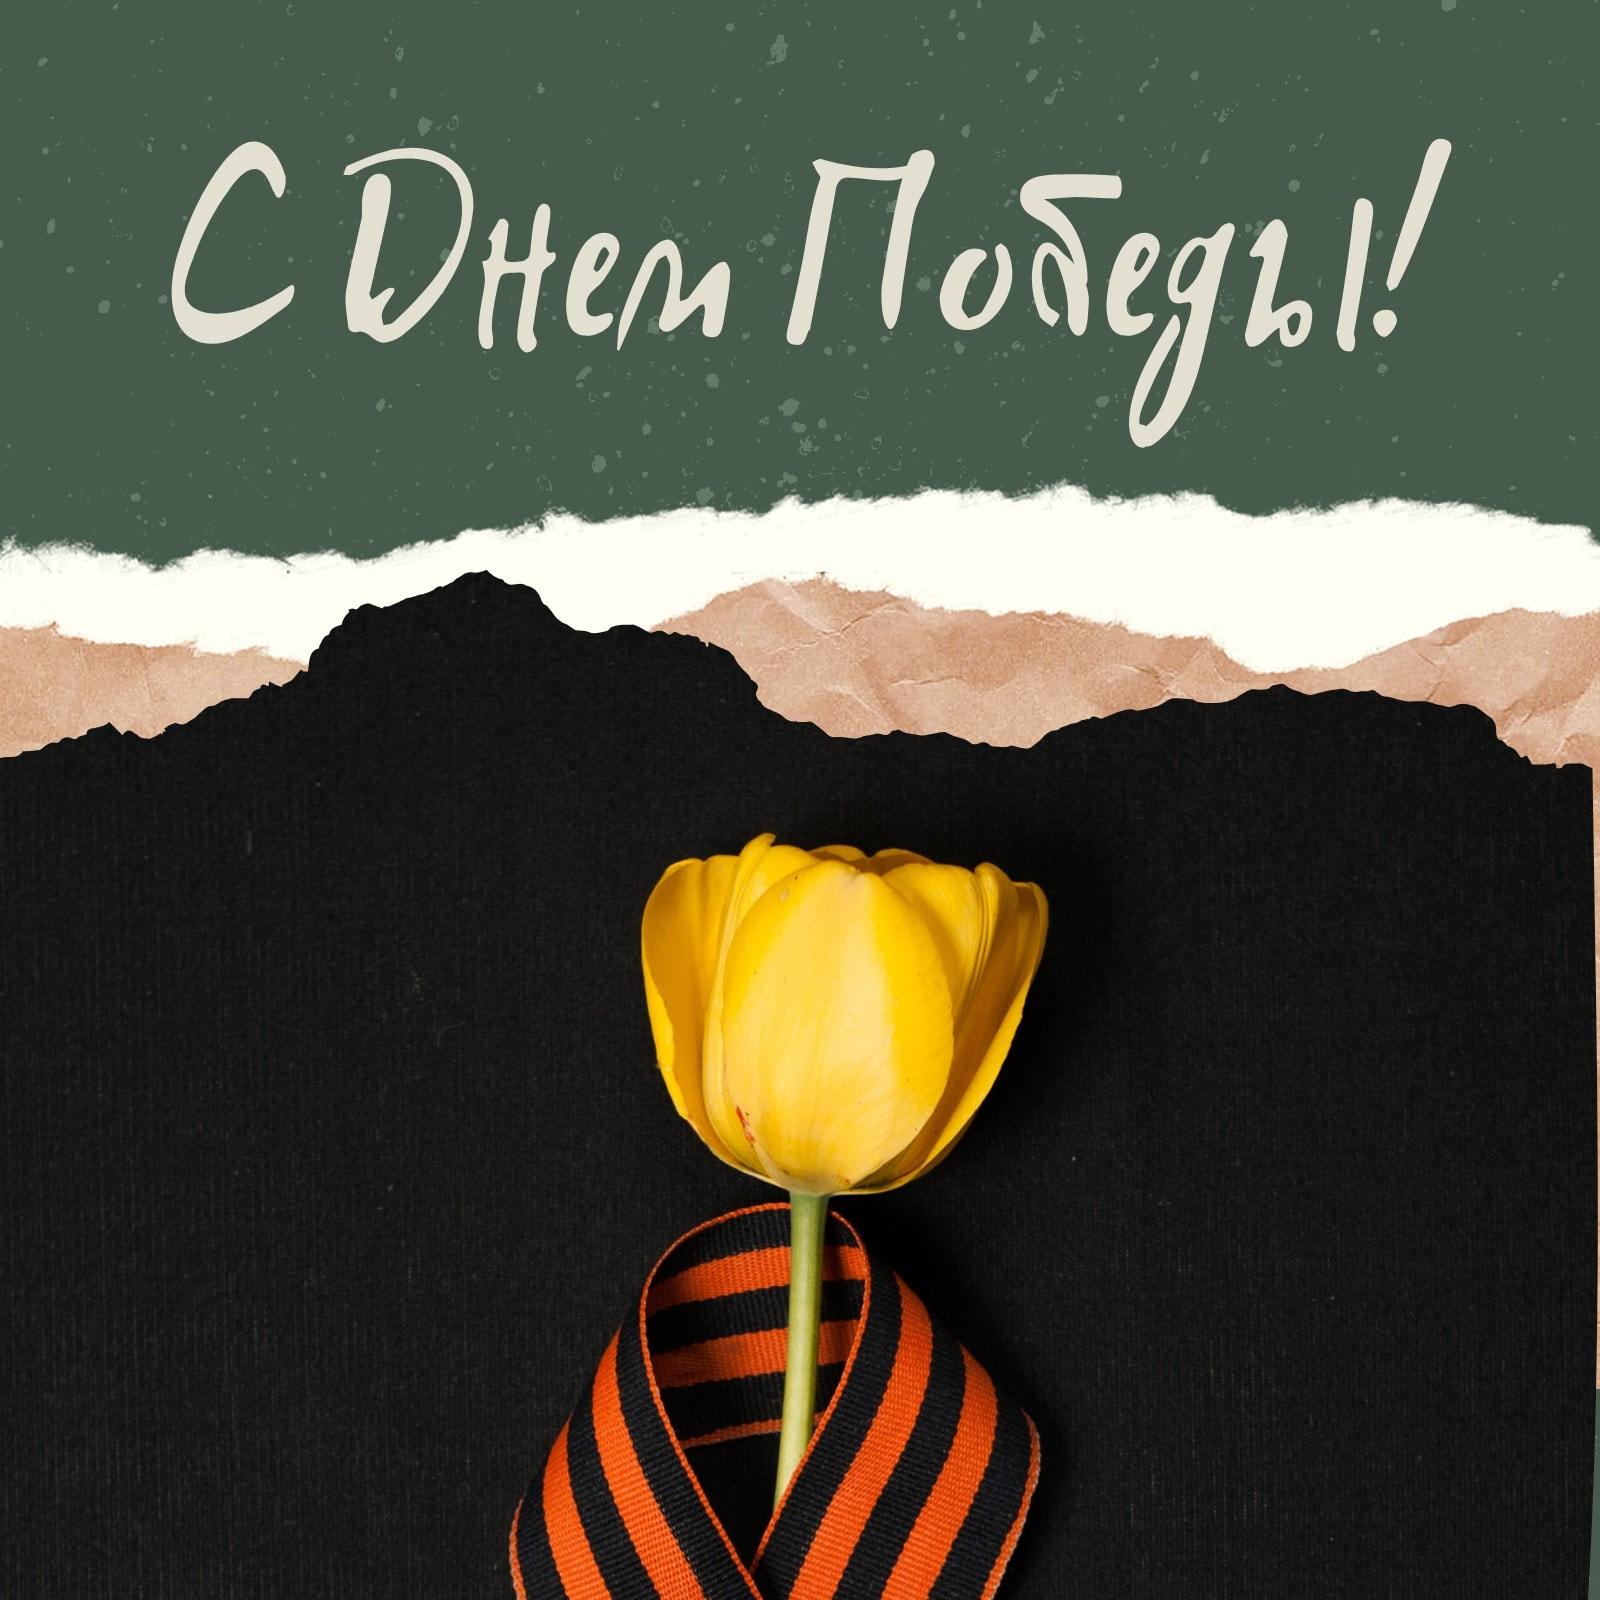 Публикация в Instagram ко Дню победы с желтым тюльпаном и Георгиевской лентой